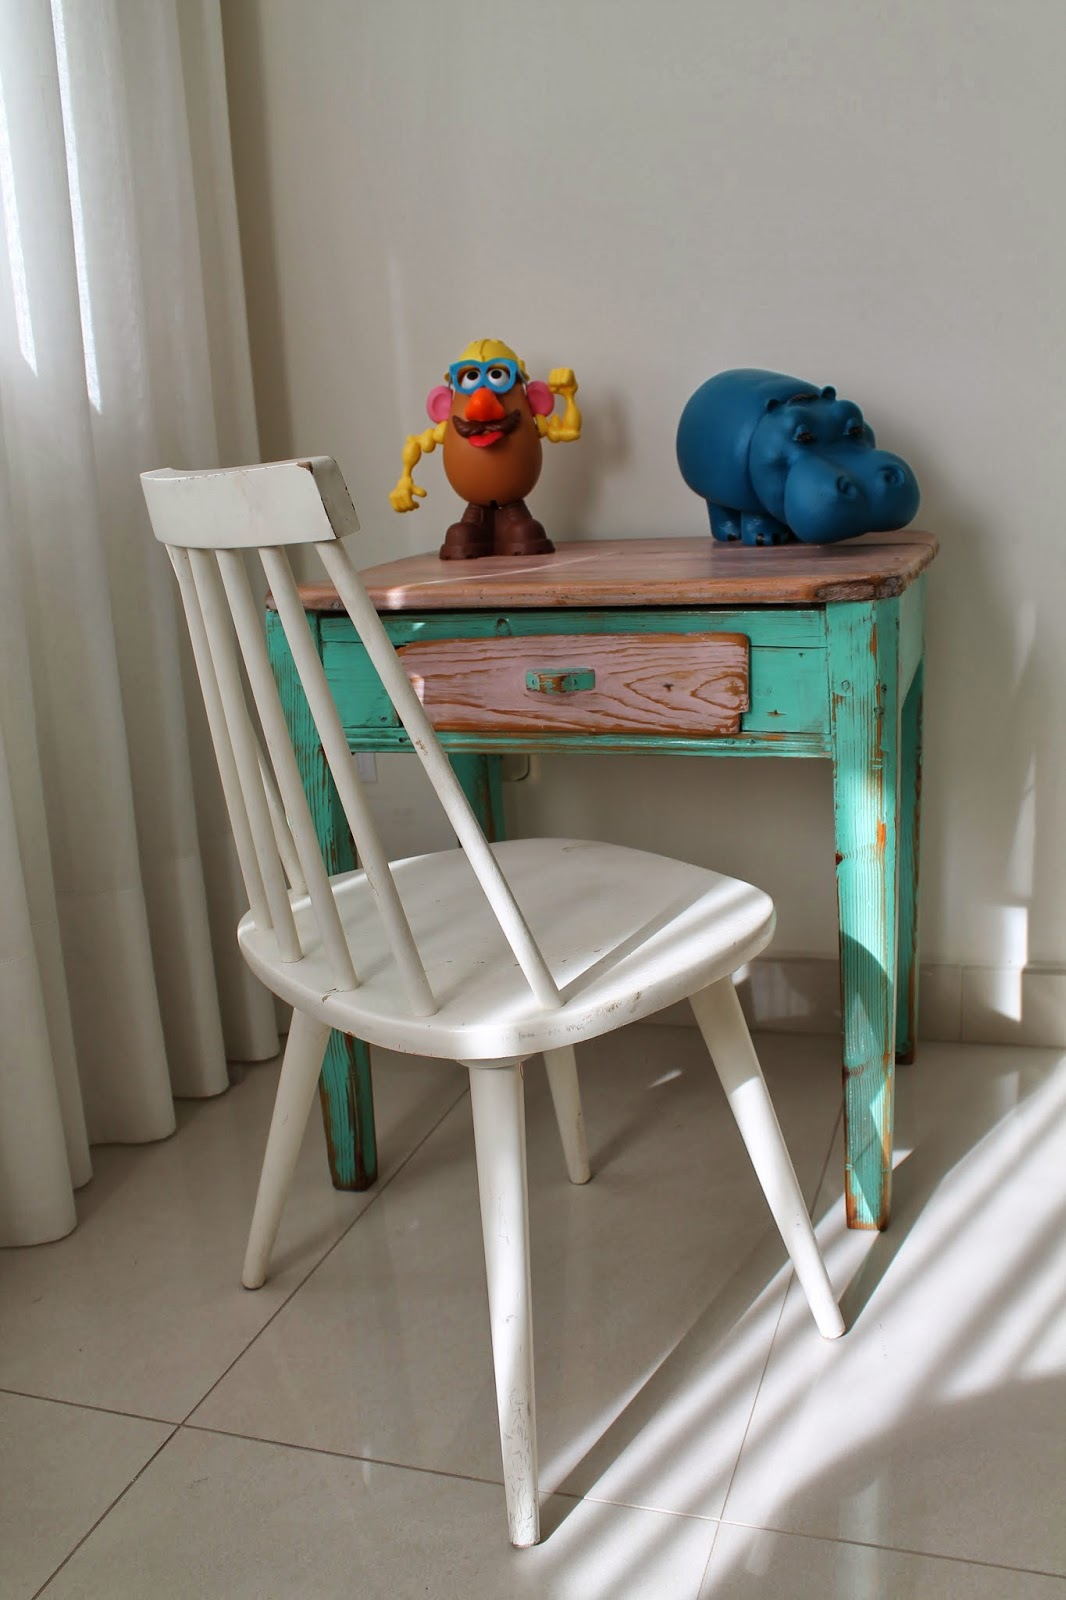 Vintager a mesa tocinera de tama o infantil ideal - Mesa escritorio infantil ...